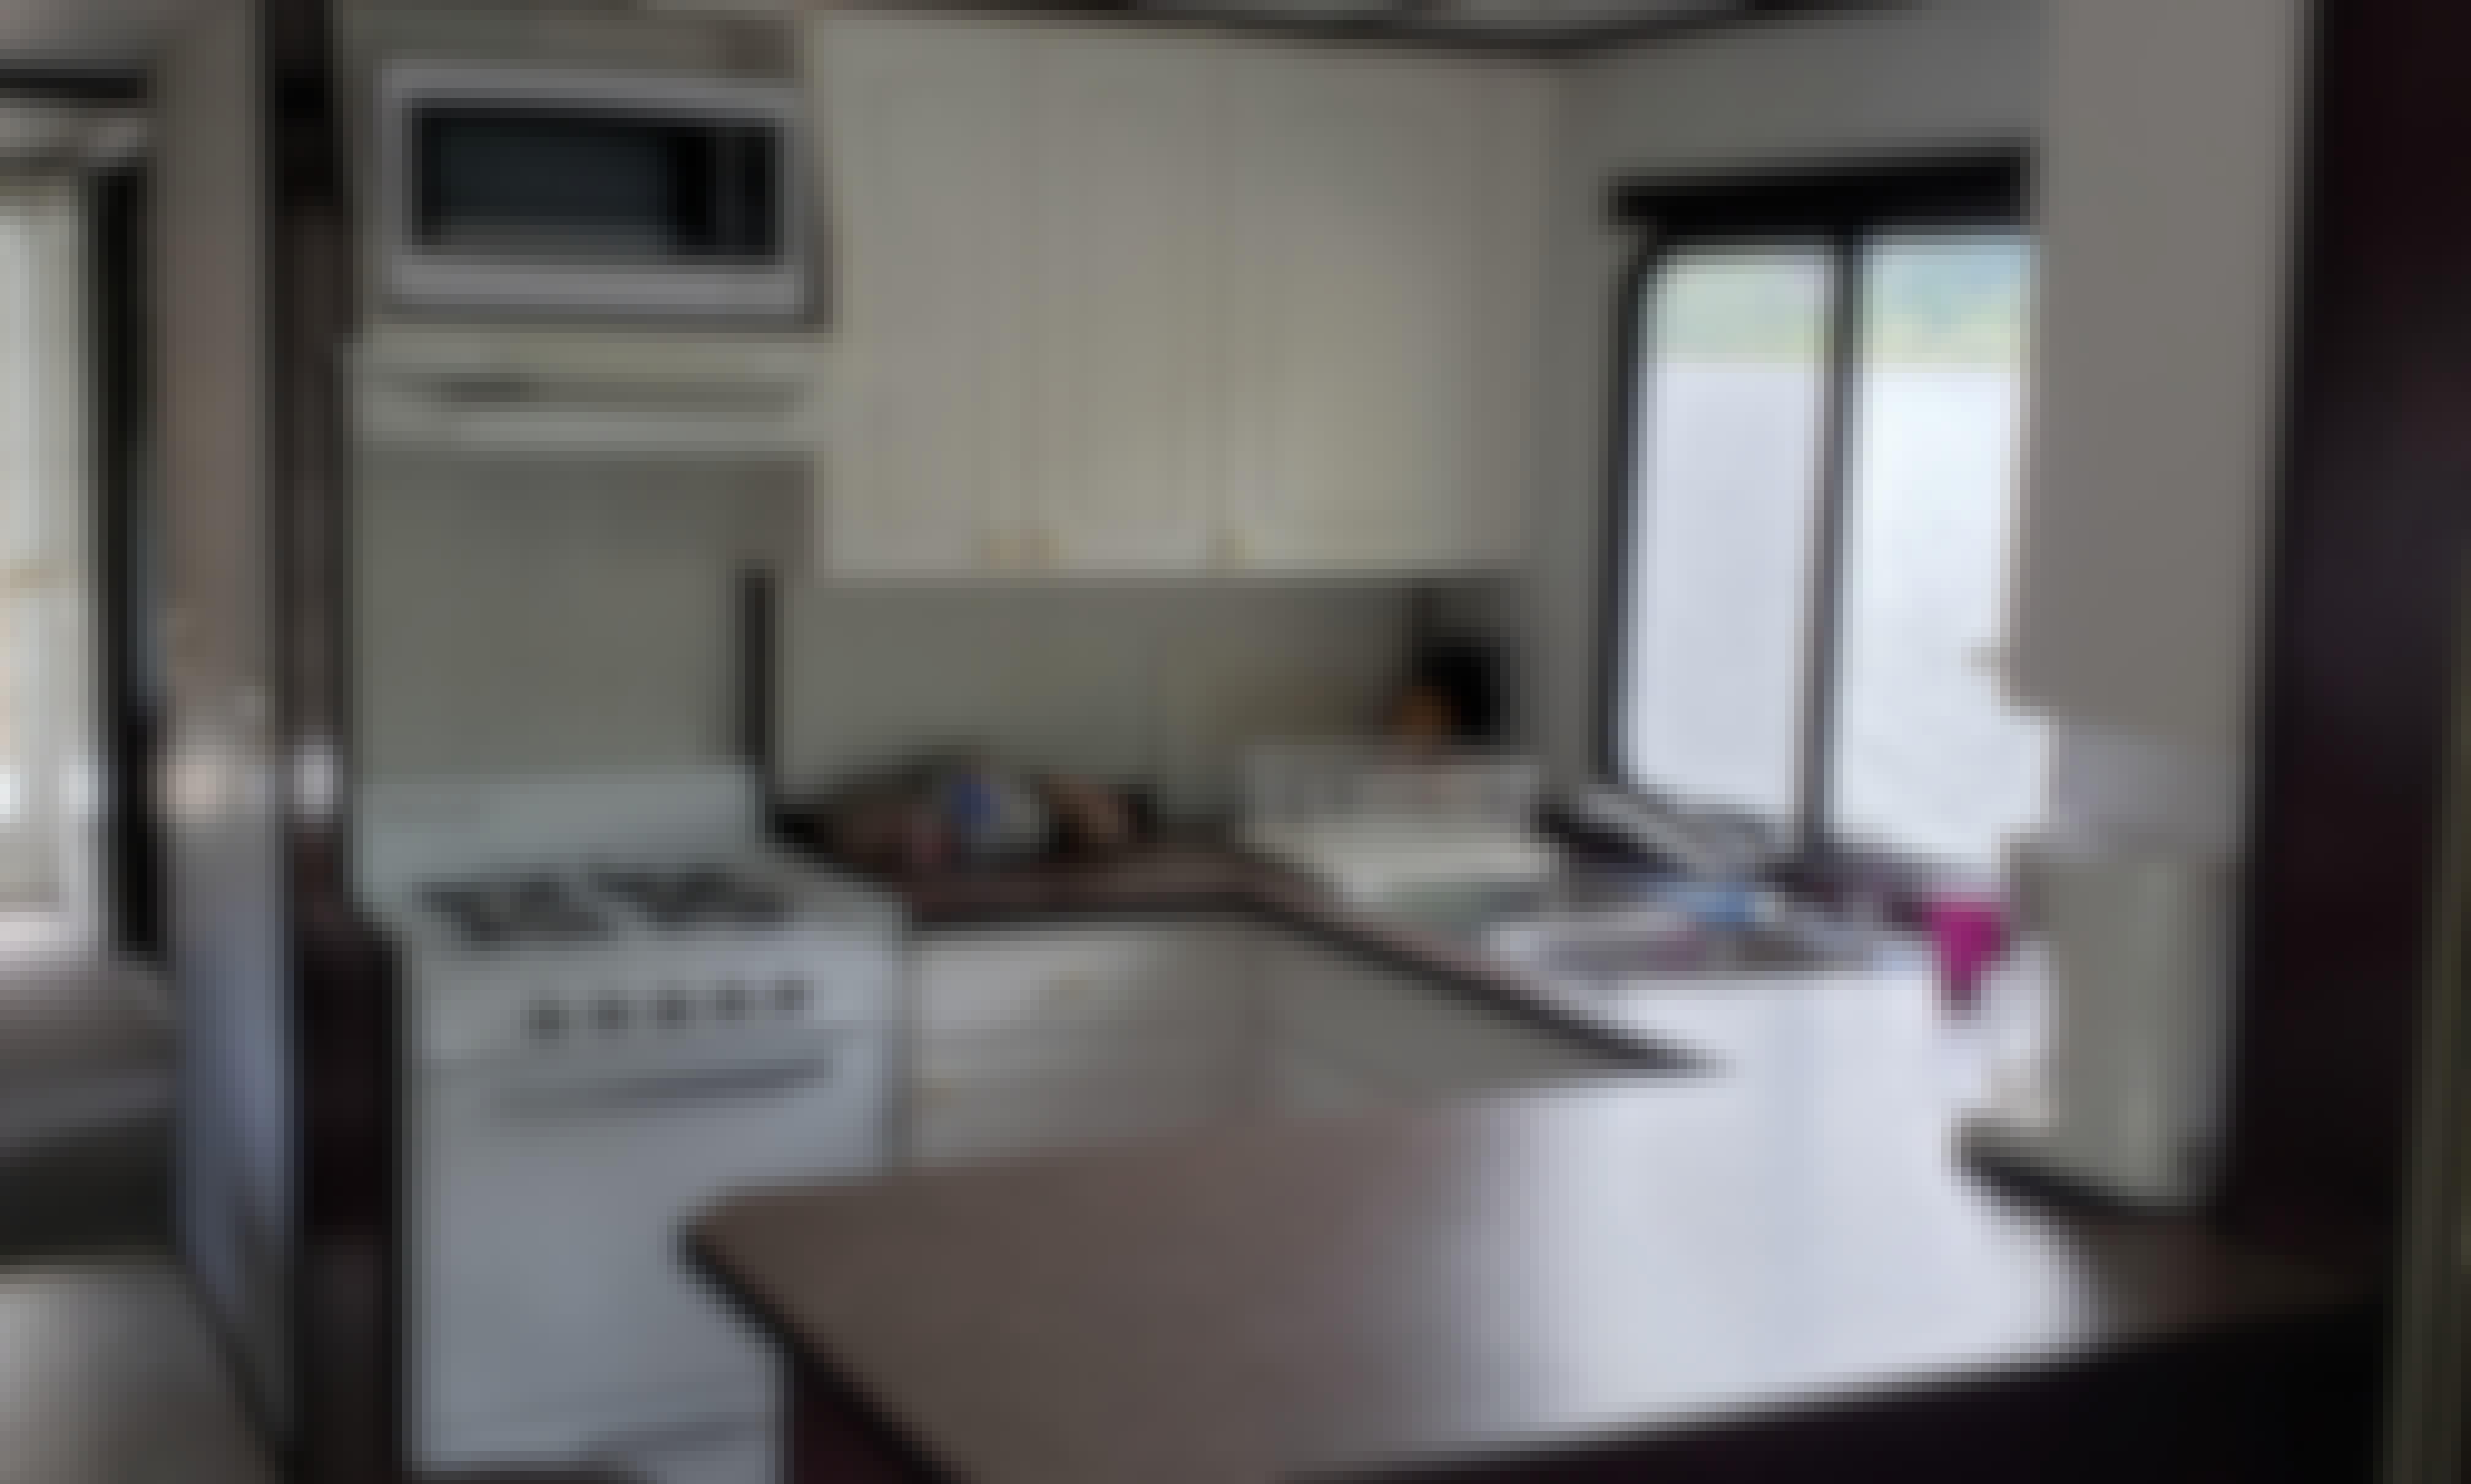 Hot tub and Slide Houseboat Vacation Near Lake Shushwap!